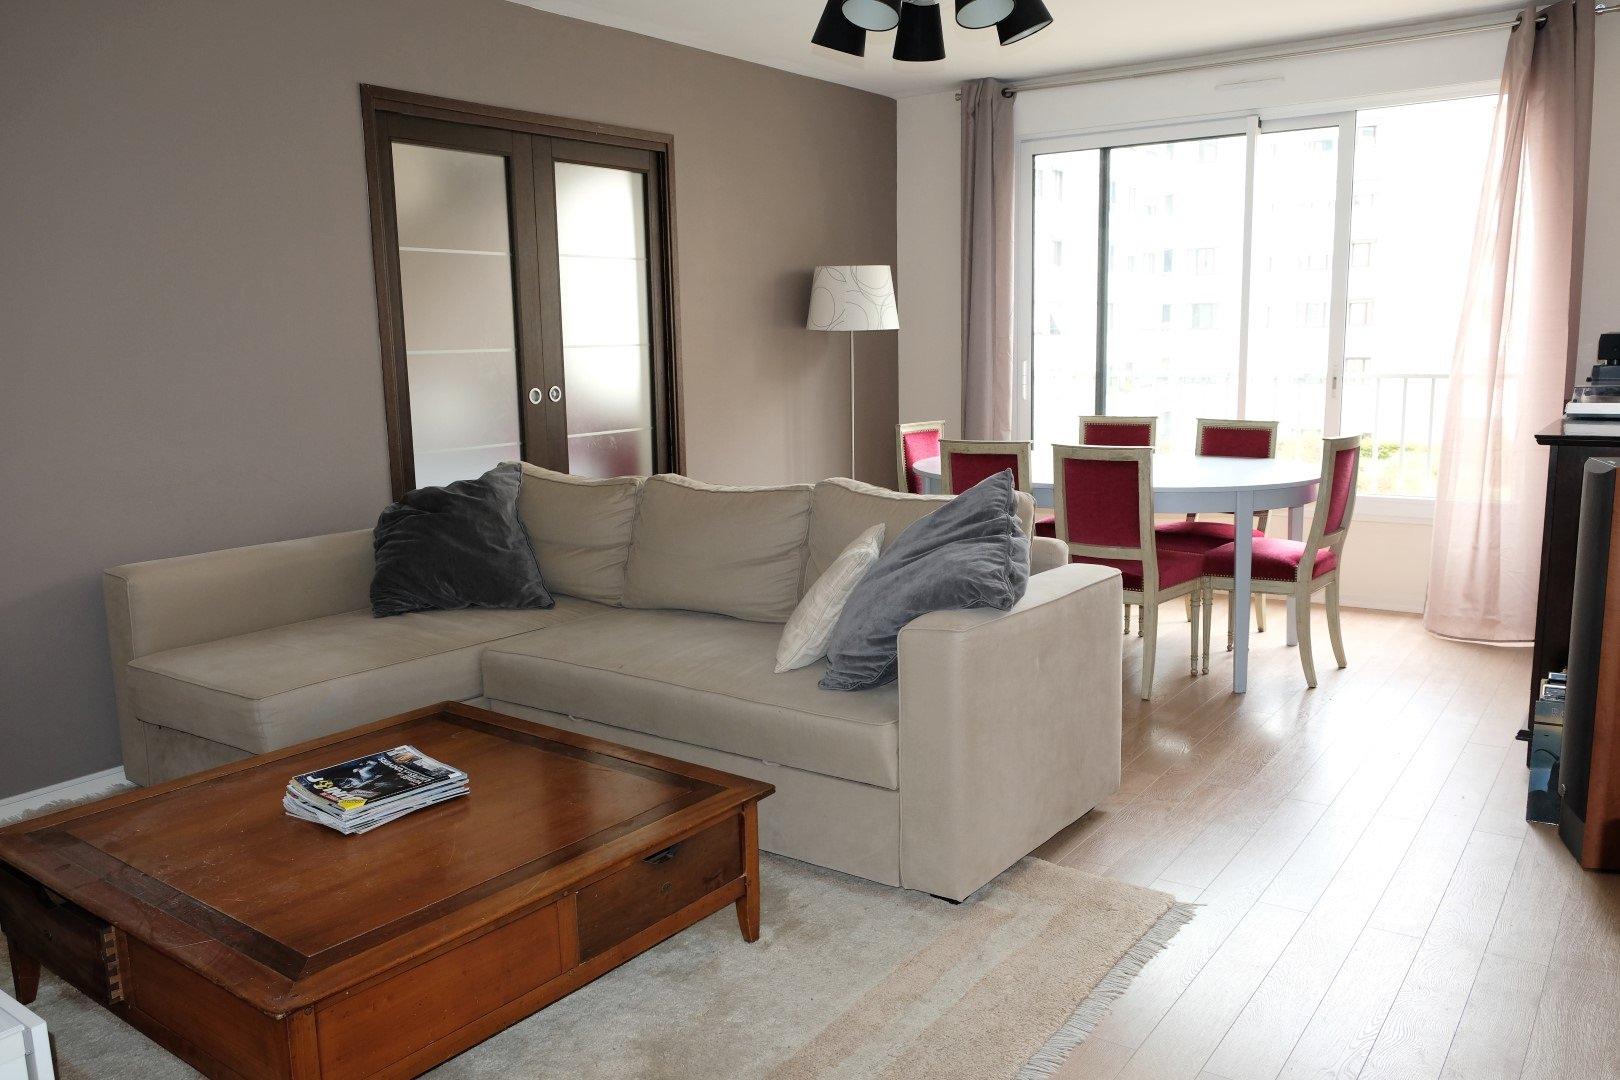 Achat Appartement Surface de 103.48 m²/ Total carrez : 103 m², 5 pièces, Lyon 7ème (69007)